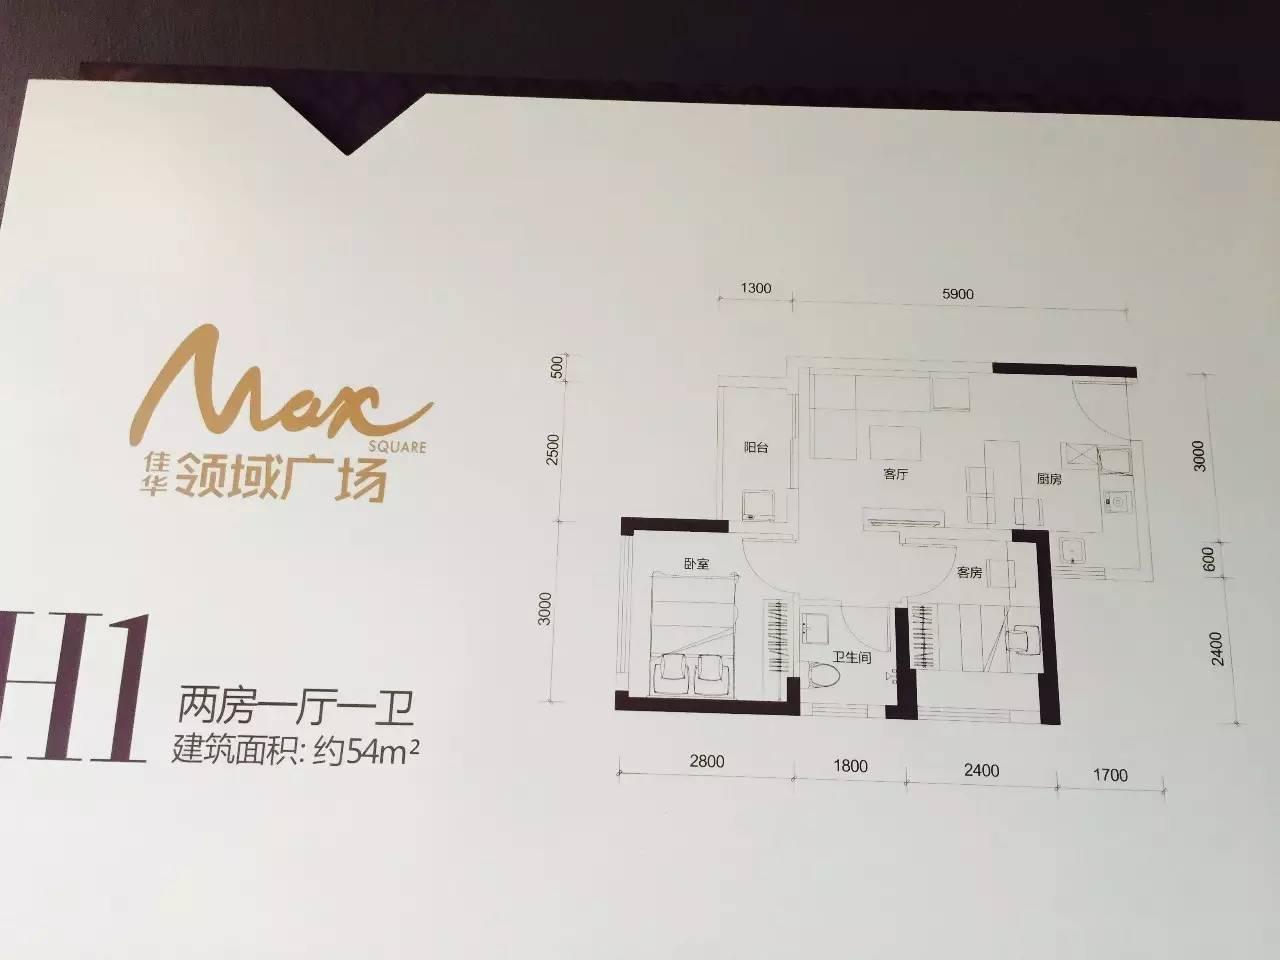 公寓204套 34㎡--一房一厅一卫 △一眼看过去,全是卧室~大户型的复式图片